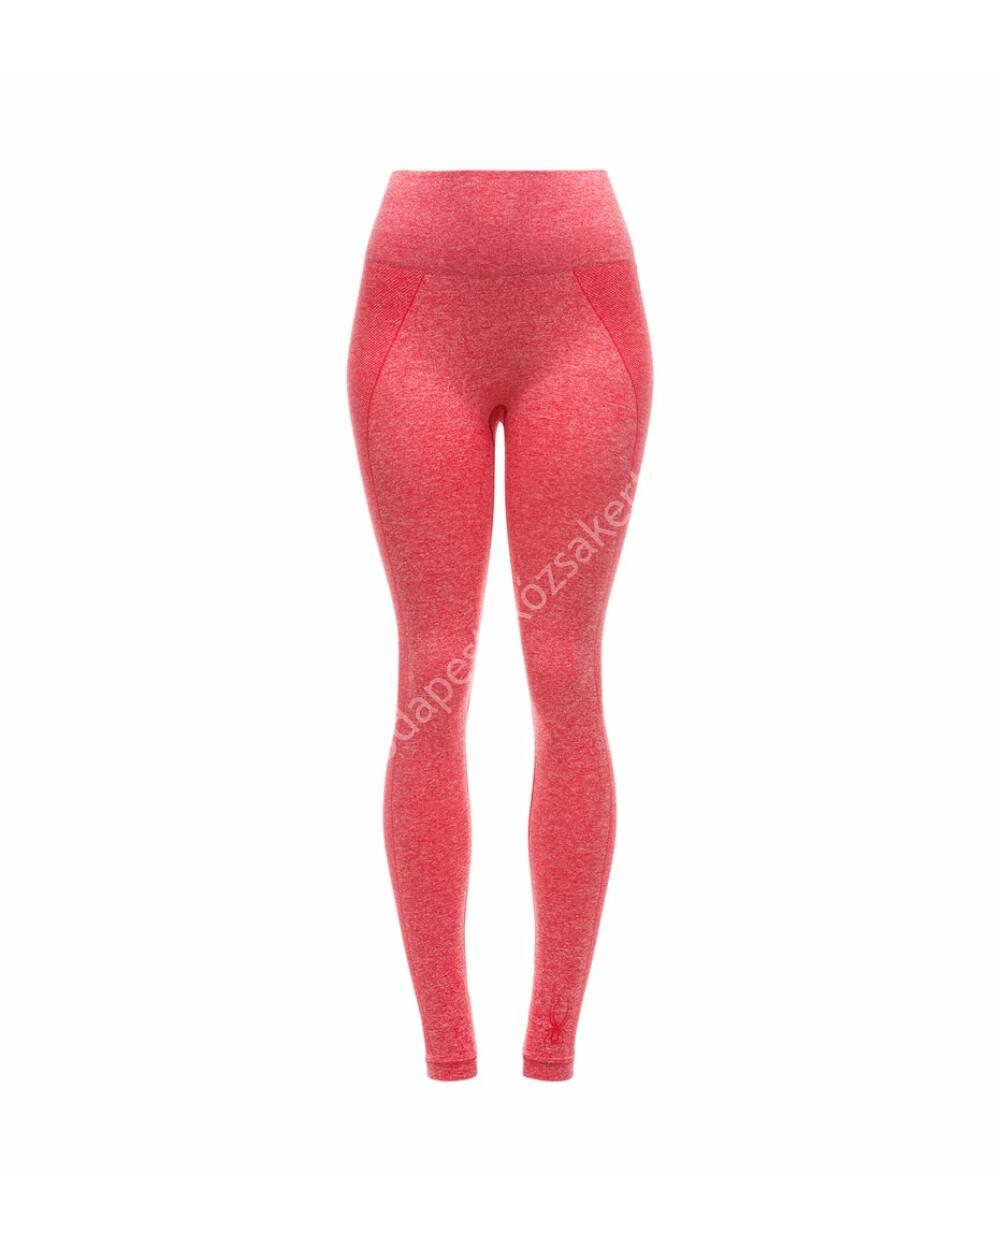 Spyder Runner női aláöltöző nadrág, pink, M/L